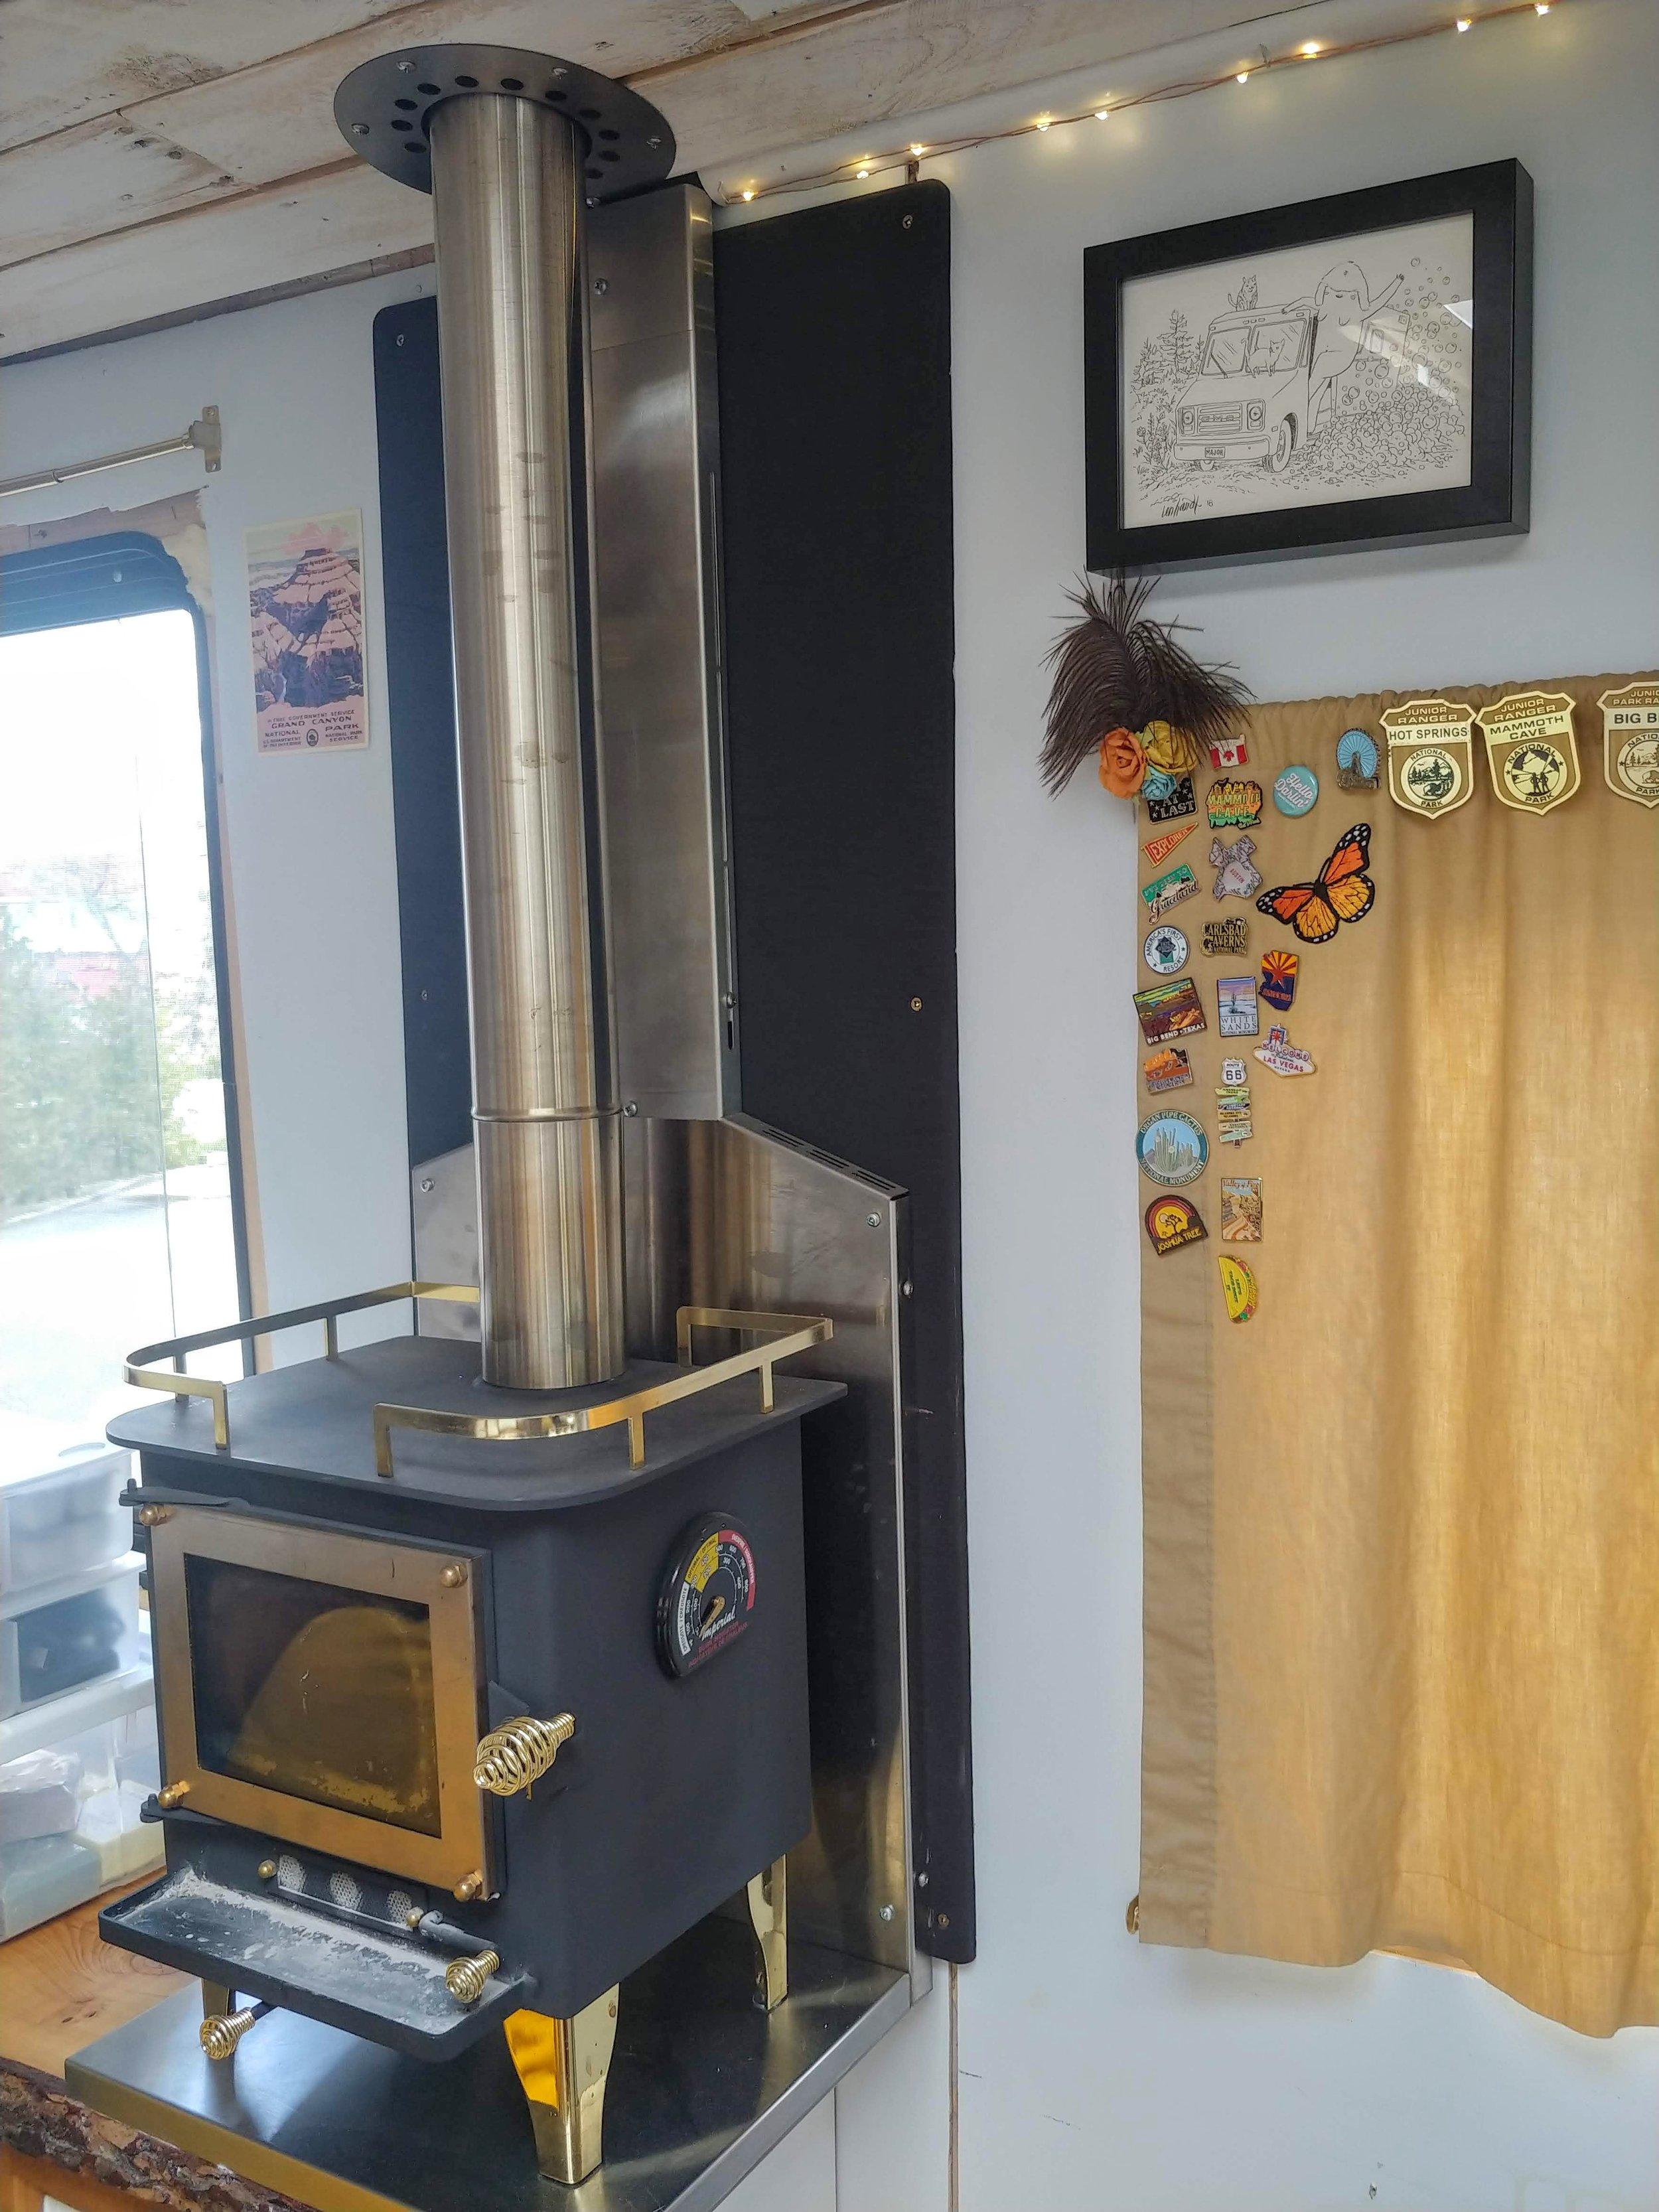 #vanlife Cubic Mini Install in a DIY camper van